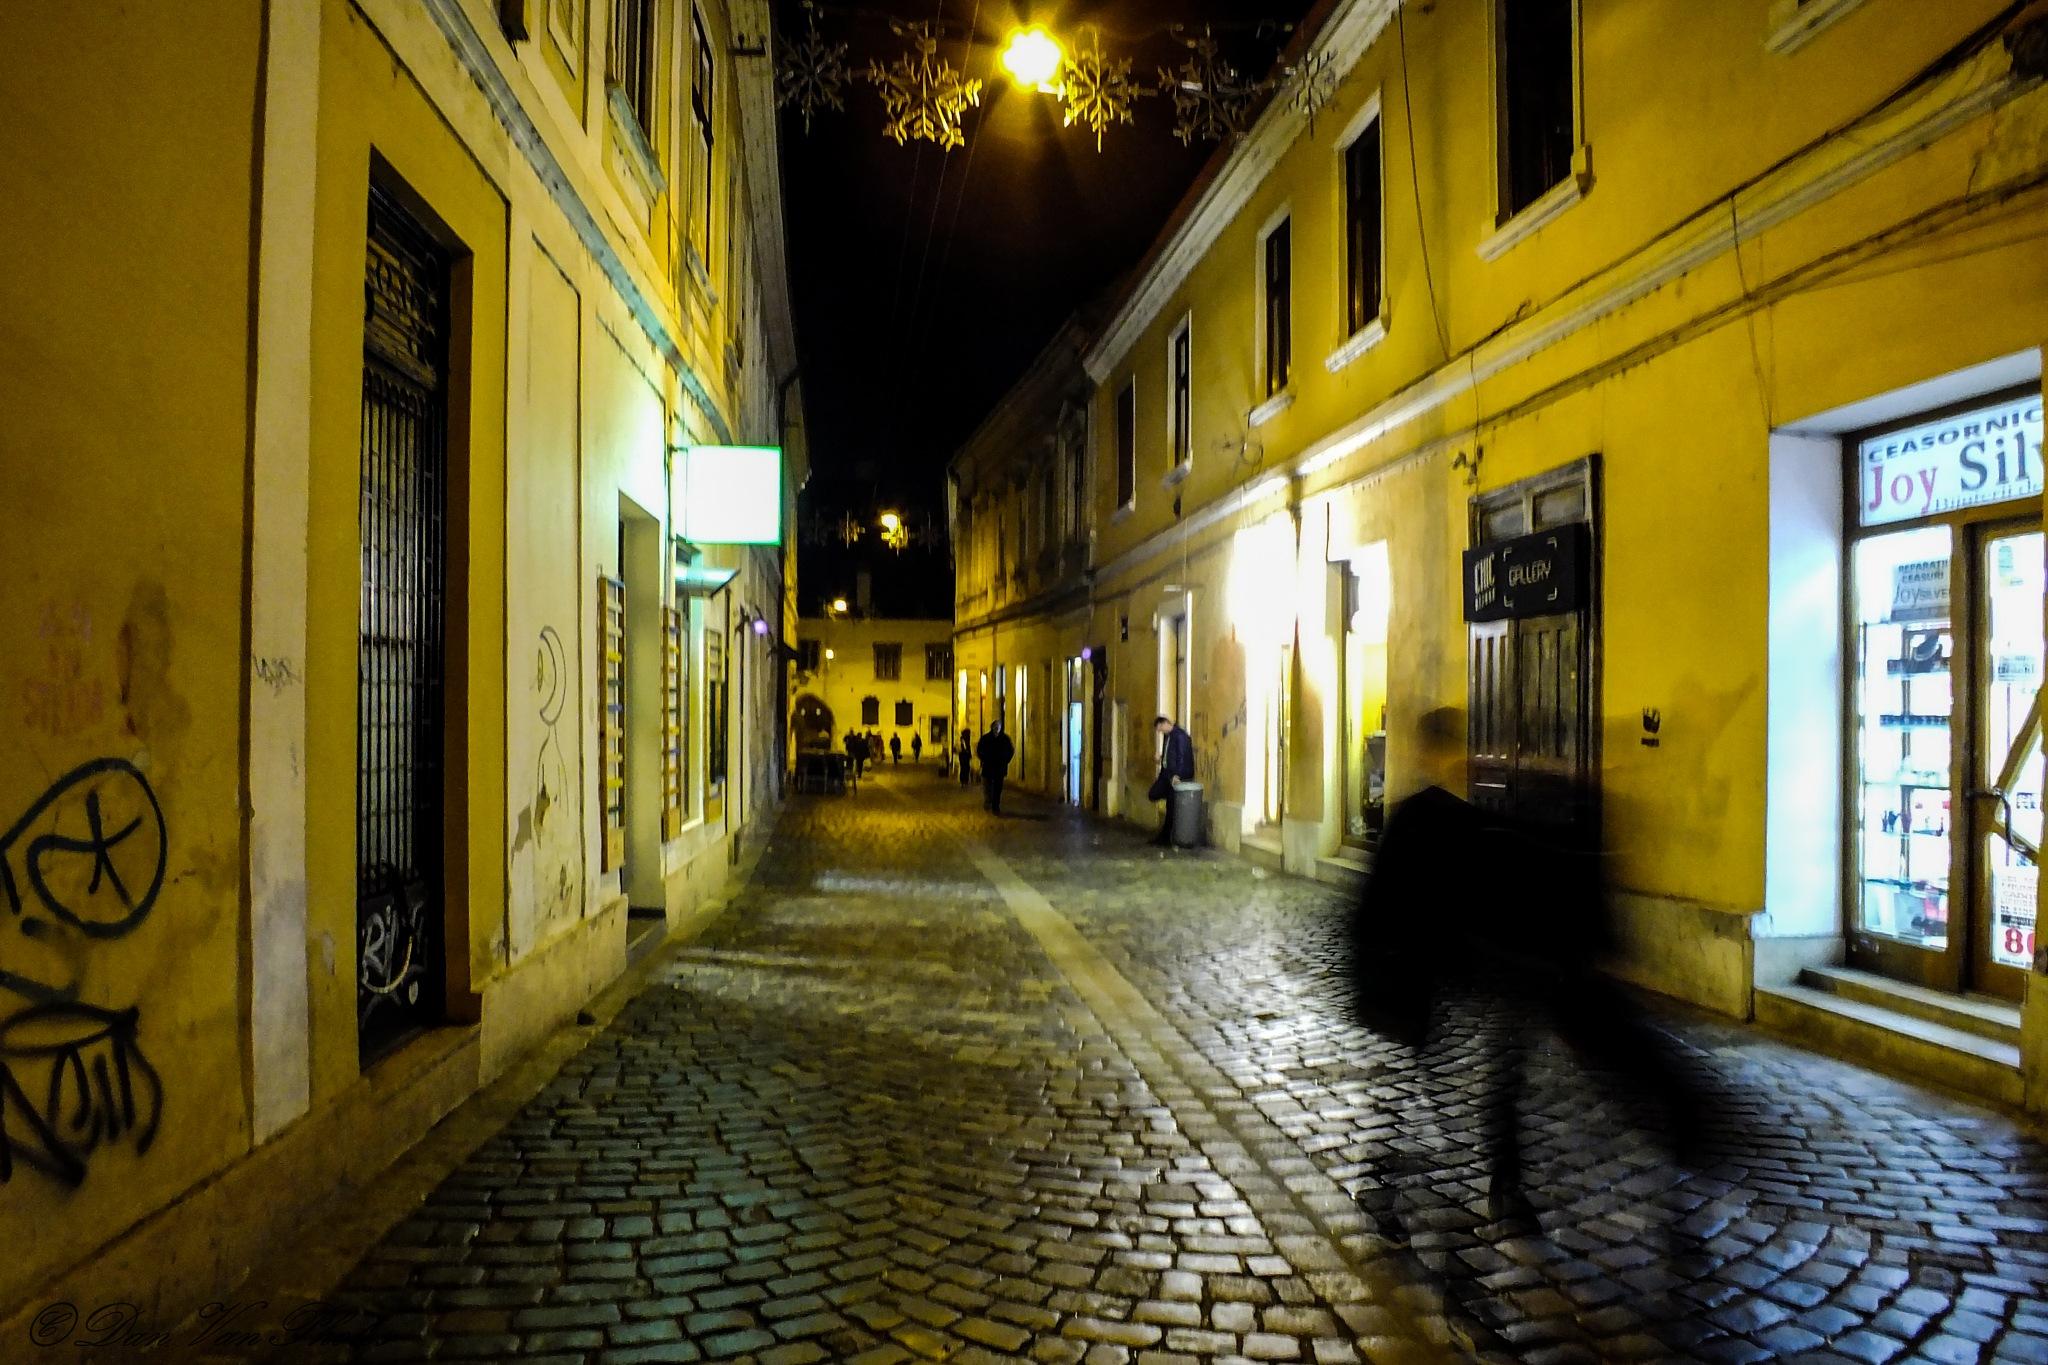 Street by the night by Dan Alexandru Vancea